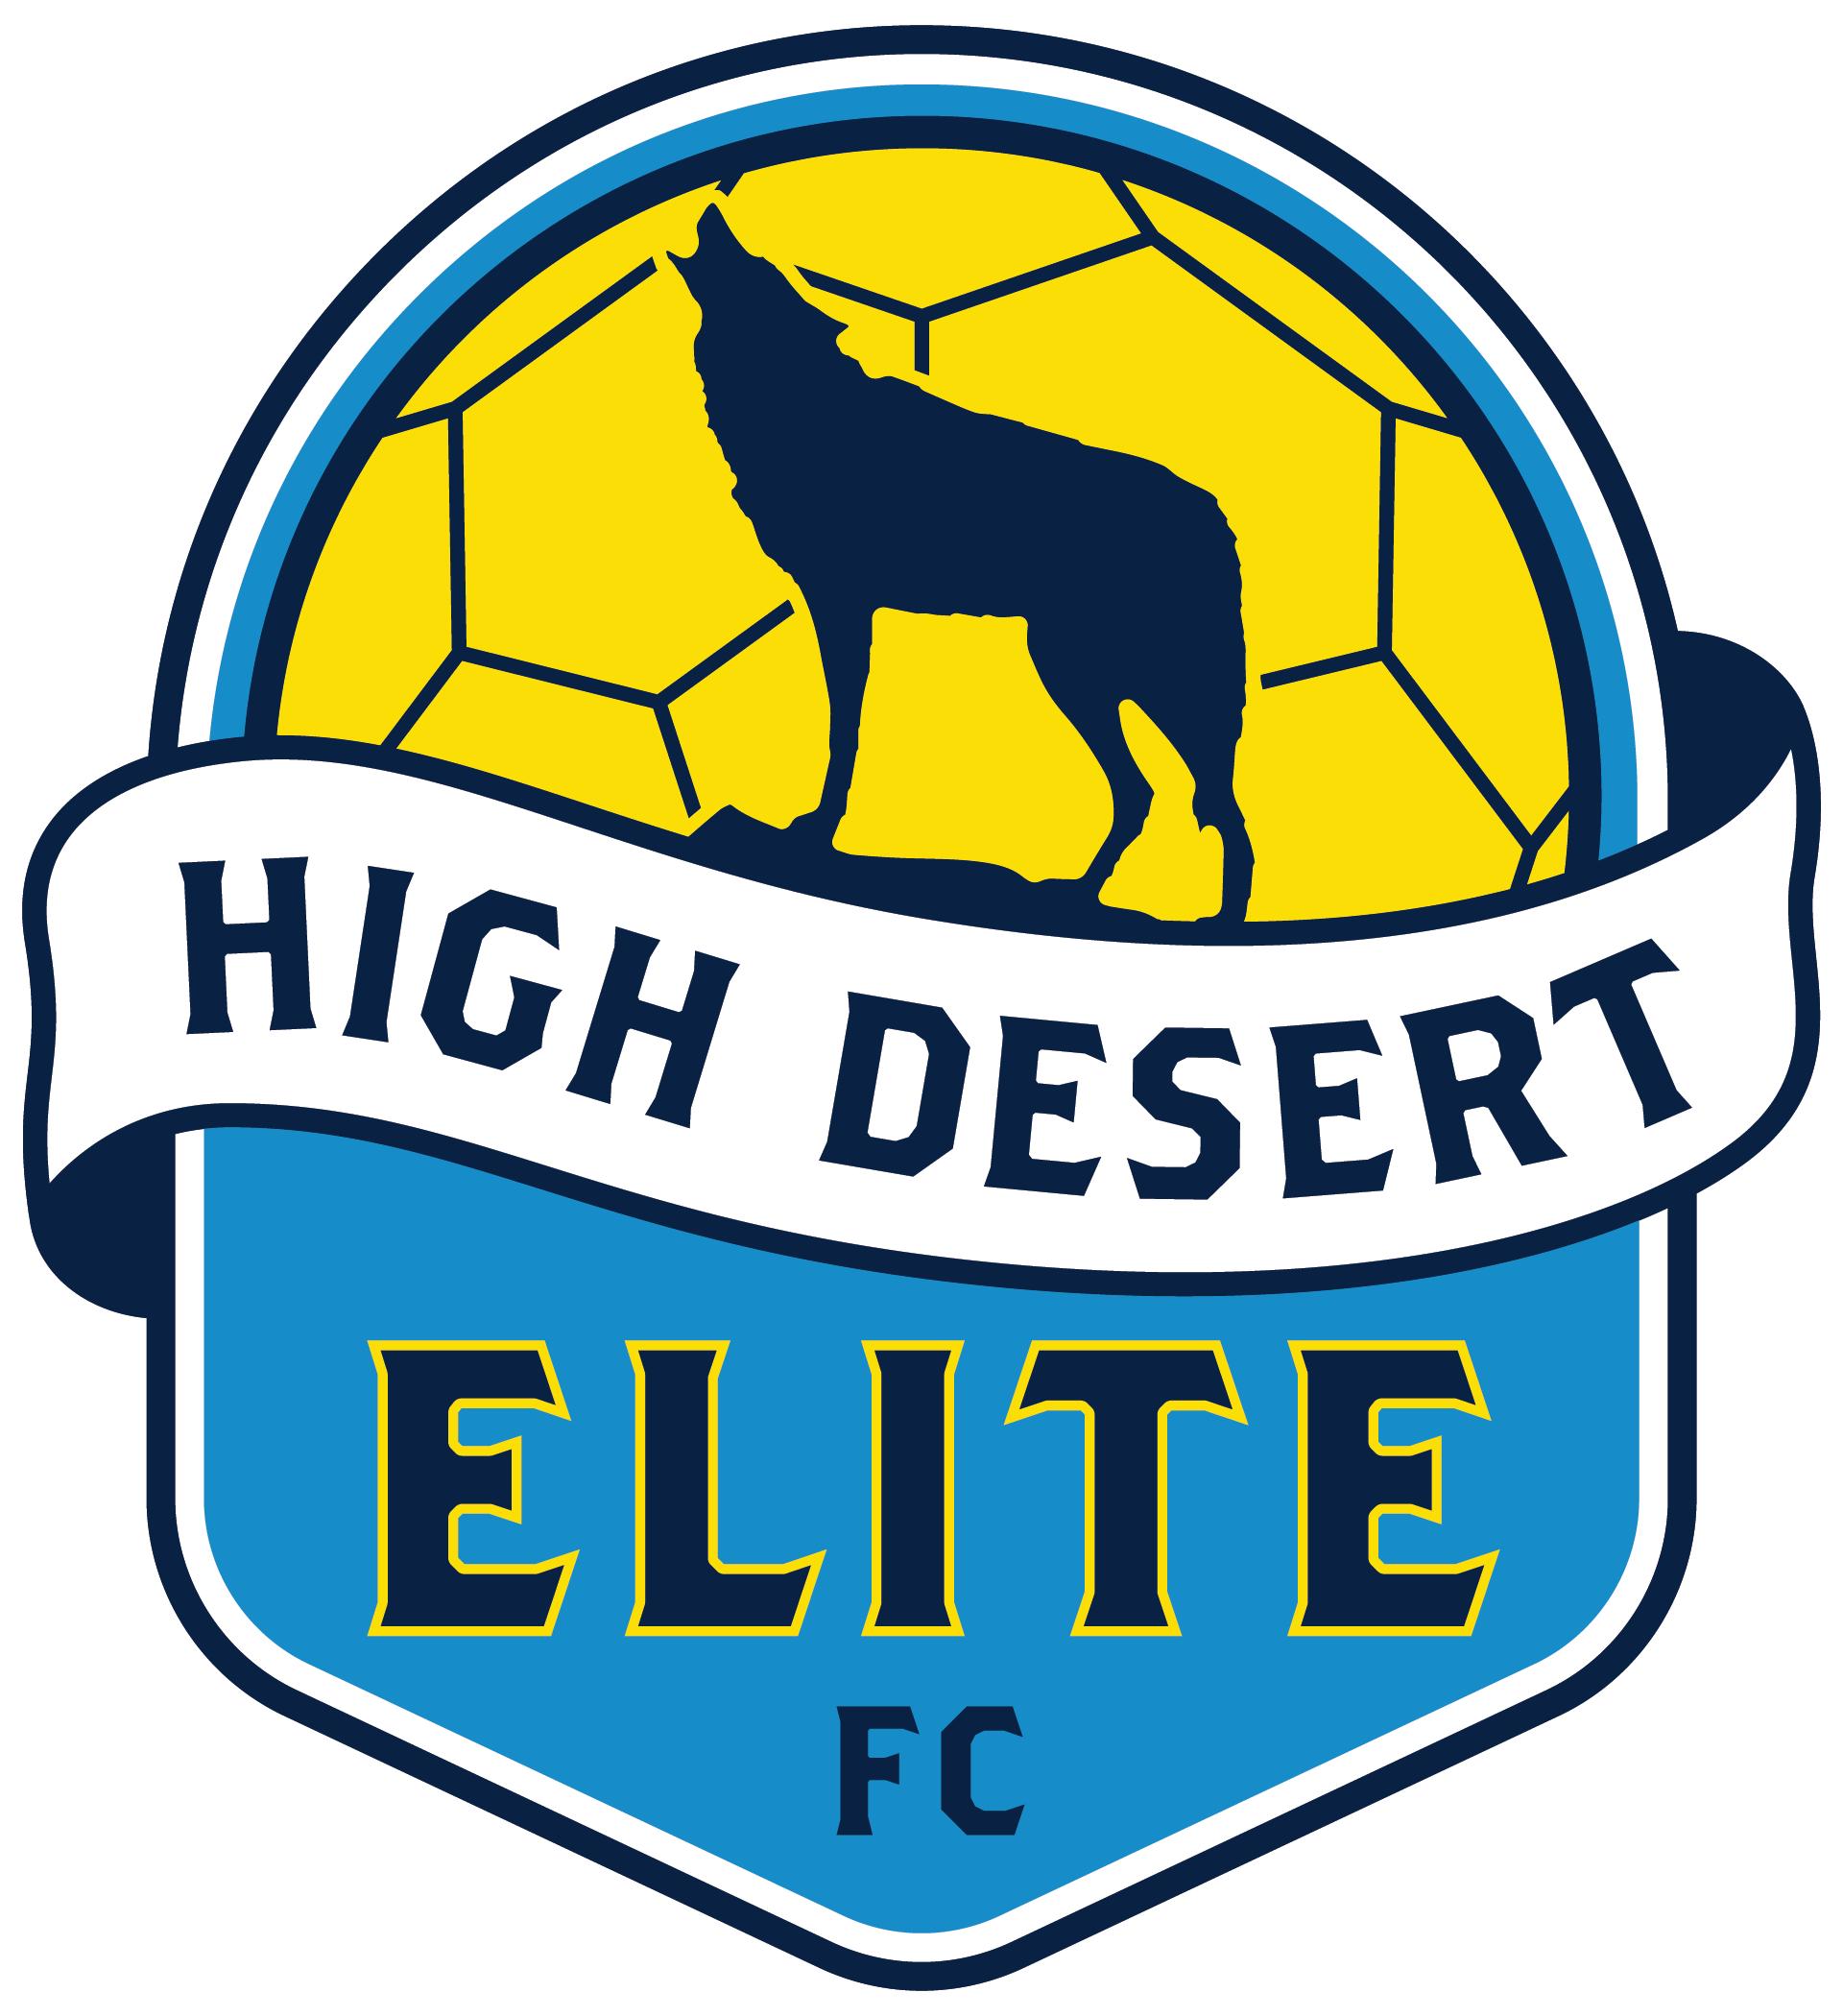 High Desert Elite FC